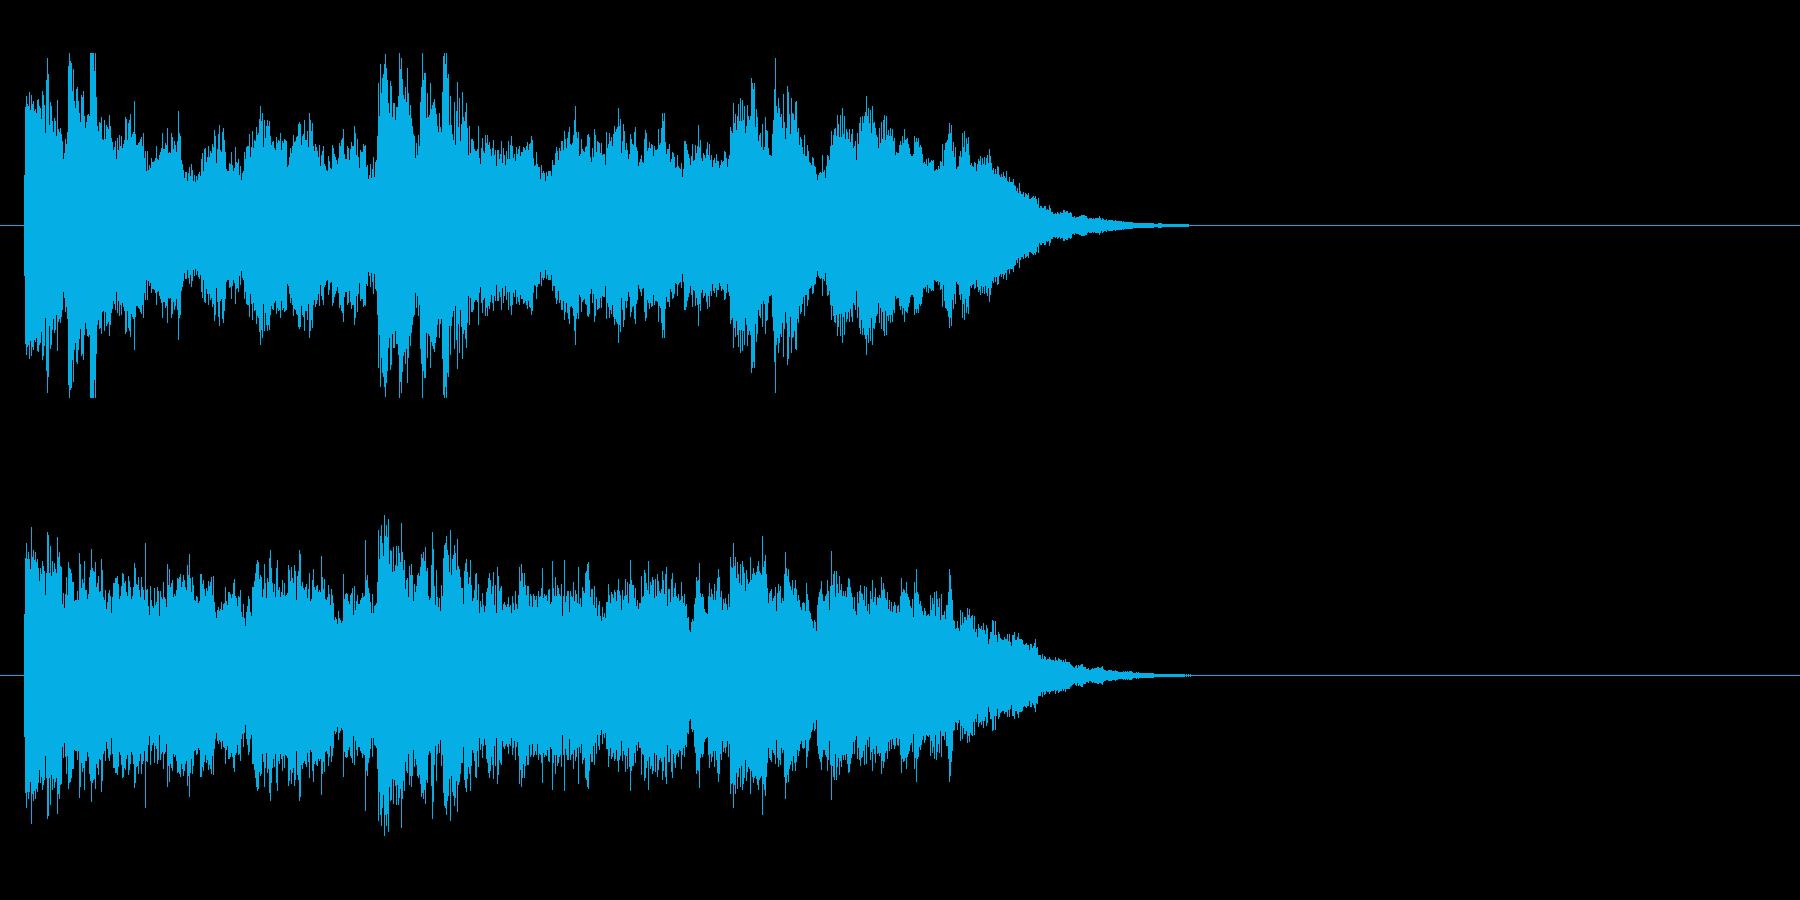 科学 不思議 自然 目覚め クイズ 幻想の再生済みの波形